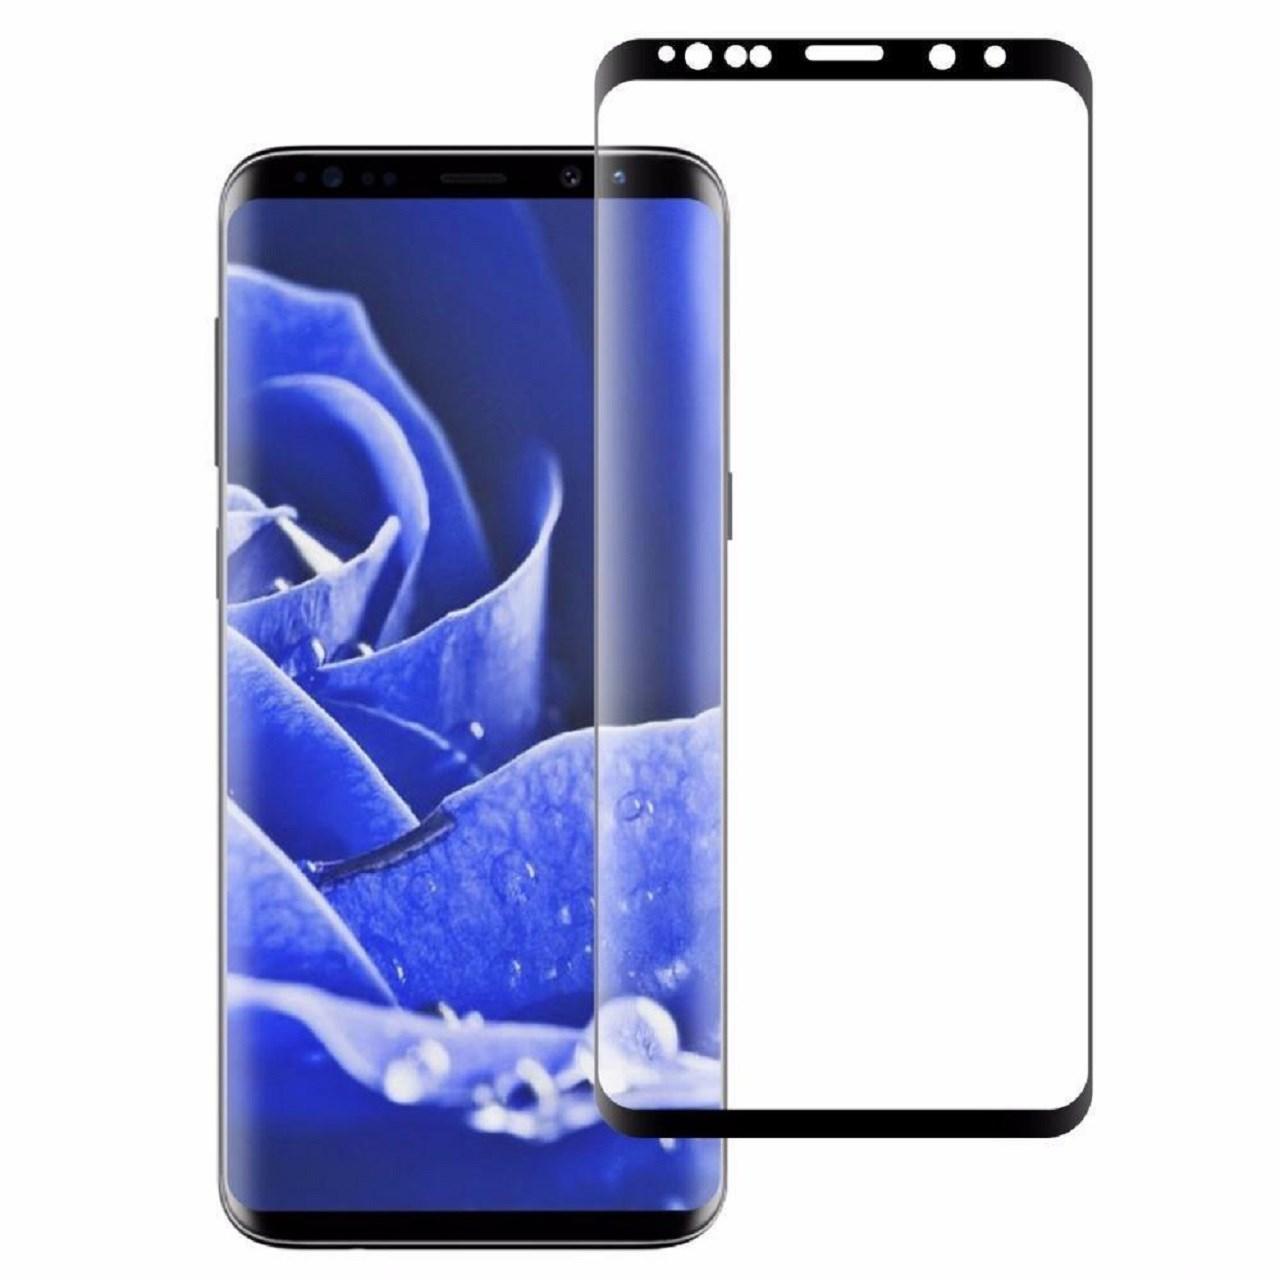 محافظ شیشه ای تمام صفحه توتو مناسب برای گوشی سامسونگ Galaxy S9 Plus